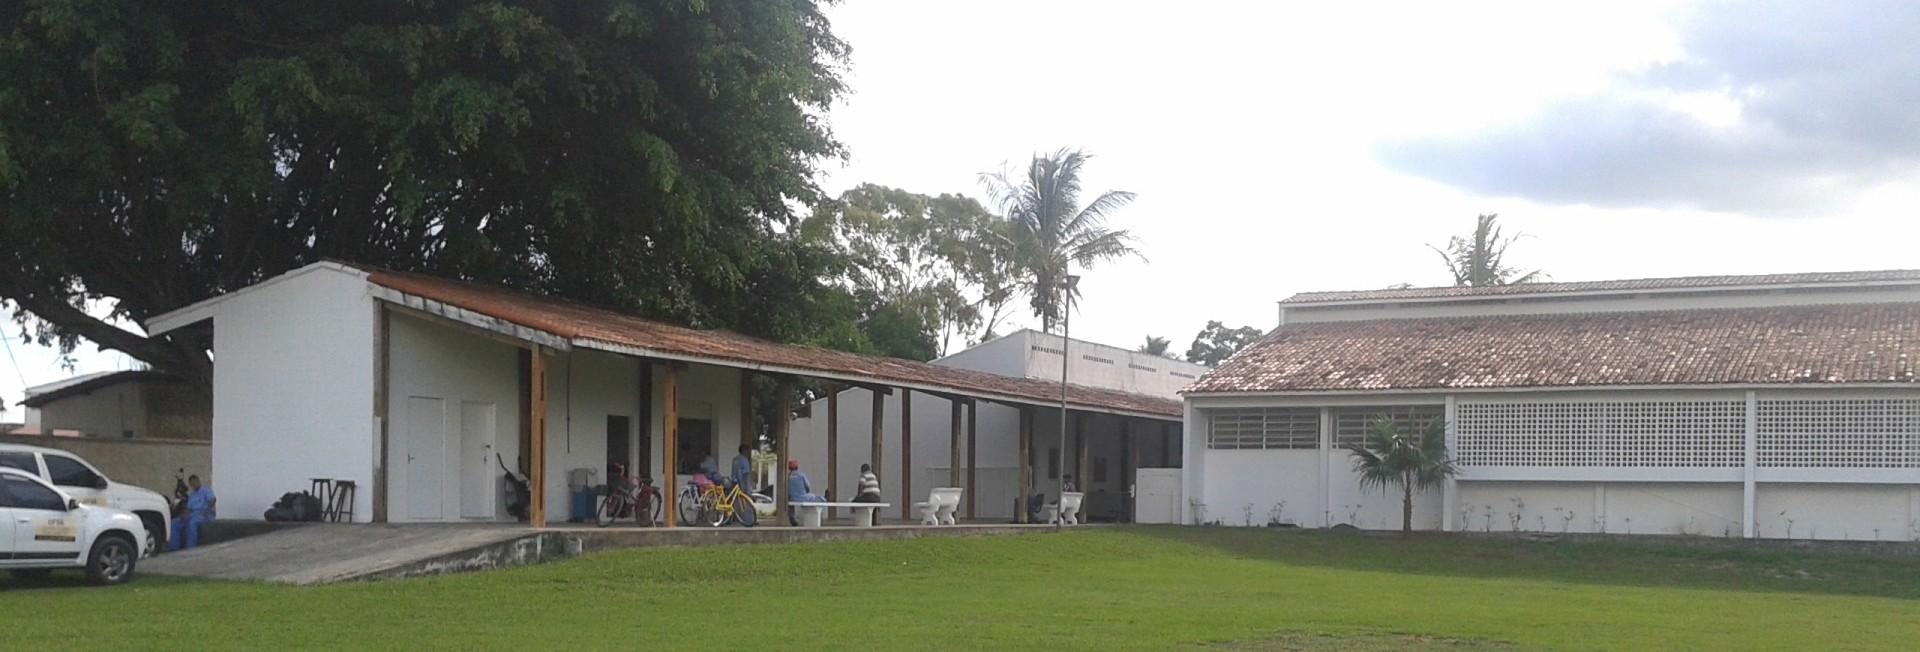 Campus Paulo Freire